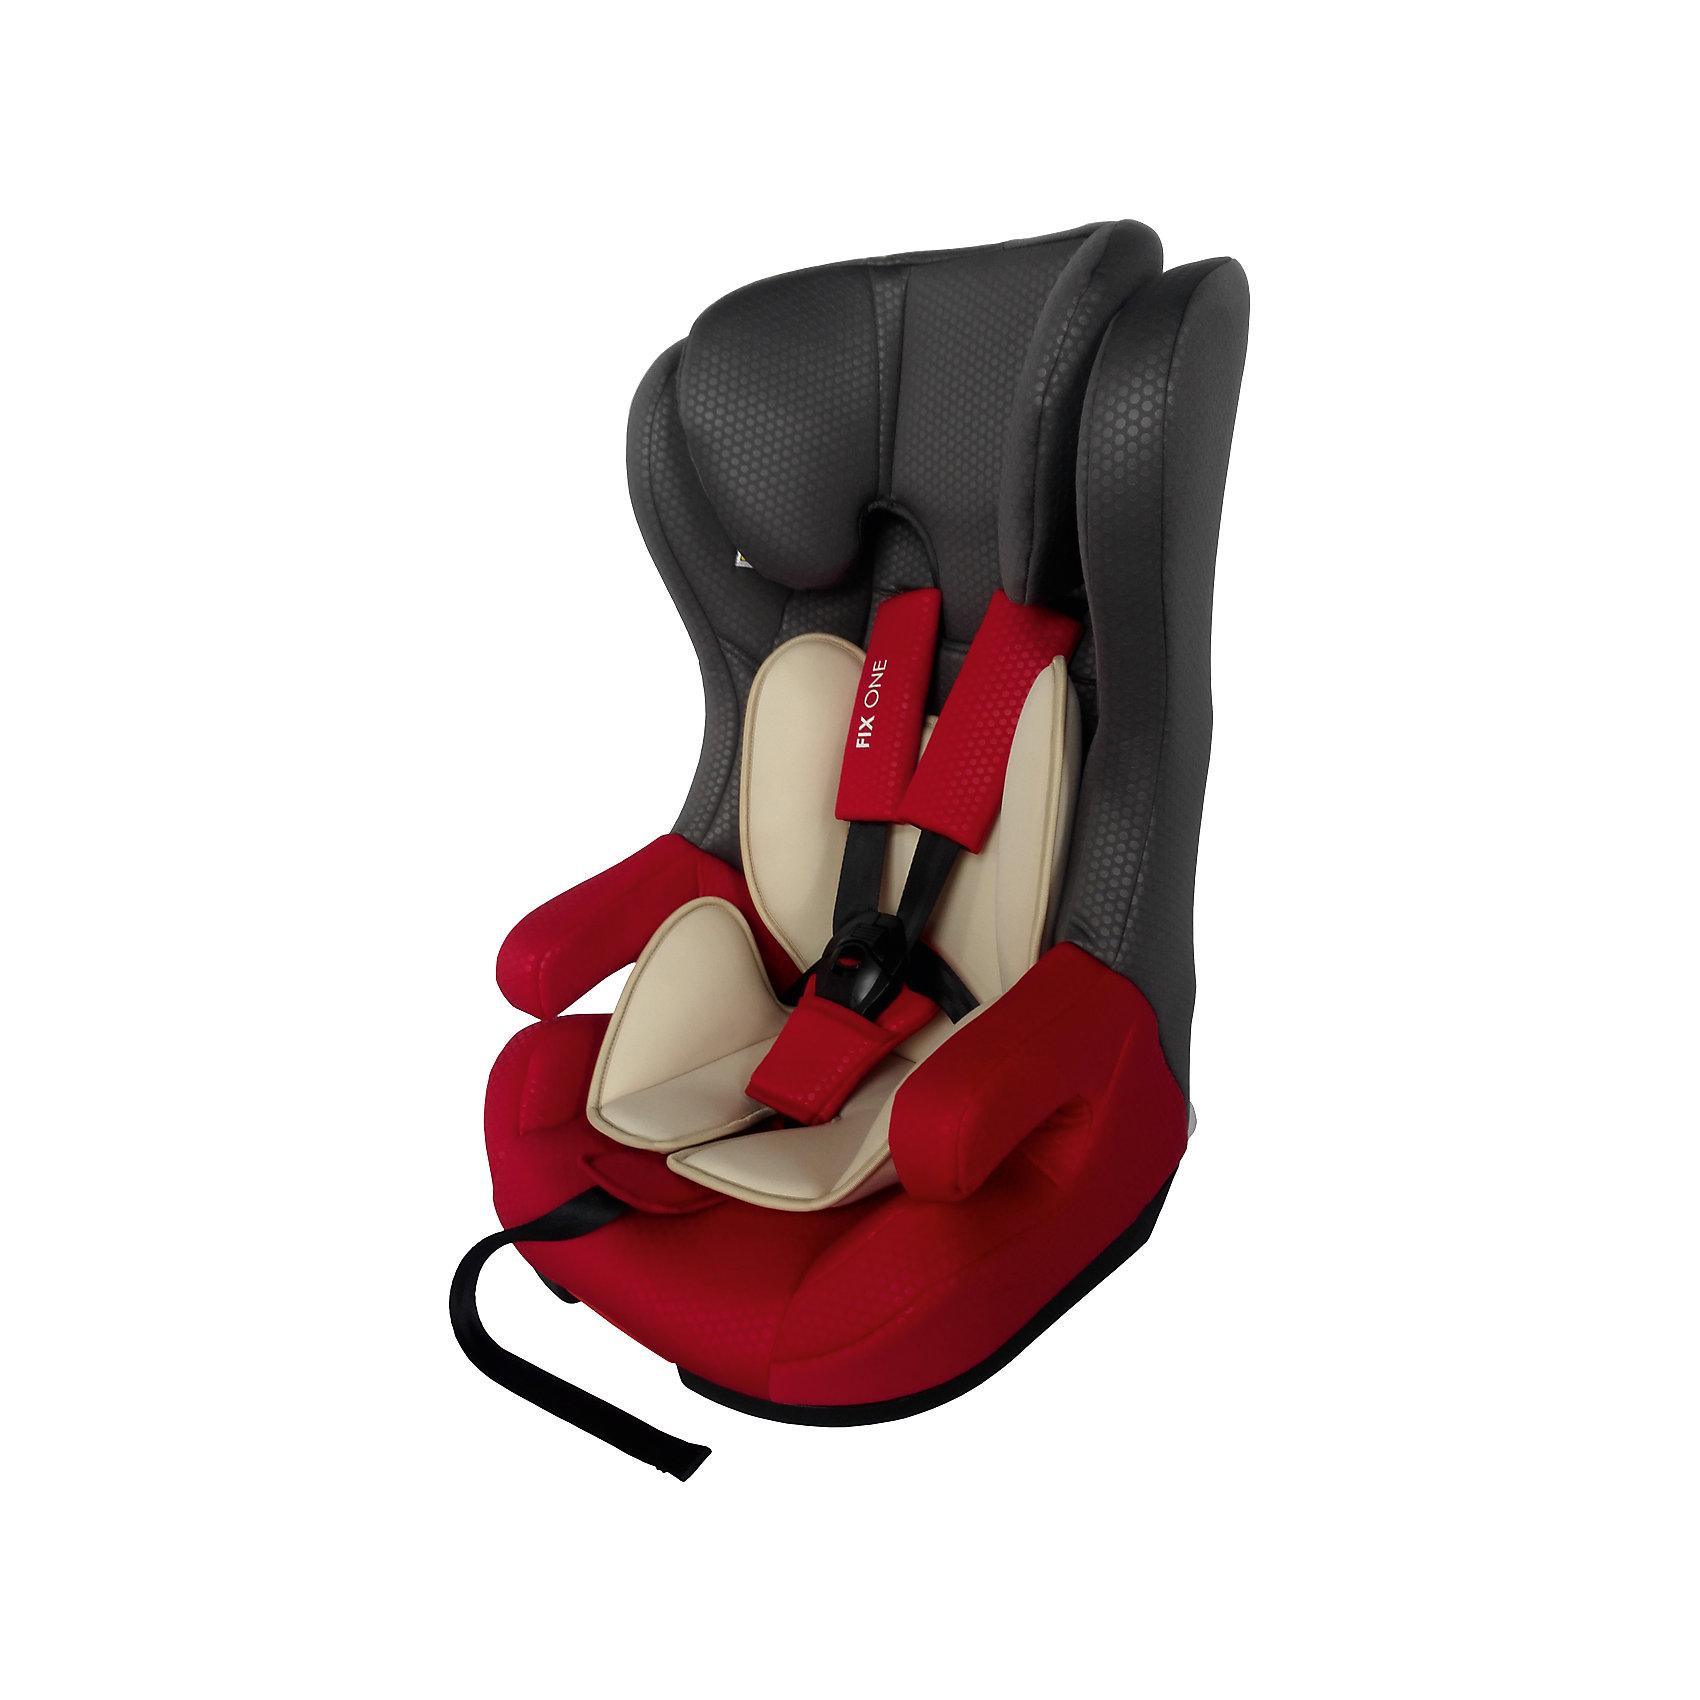 Автокресло Fix One 9-36 кг., Babyhit, красно-серыйДетское автокресло Babyhit Fix One предназначено для детей возрастом от 9 месяцев до 12 лет (весом от 9 до 36 кг). Автокресло может крепиться в автомобиле как при помощи Isofix и штатного ремня, так и только штатным ремнем. Дети весом до 18 кг удерживаются в автокресле внутренними 5-точечными ремнями, а вырастая - штатным ремнем.<br>Подголовник автокресла может регулироваться как по высоте, так и по ширине. Изделие оборудовано системой повышенной боковой защиты Side Impact Protection - это широкие и прочные боковины, которые надежно защищают голову и туловище ребенка в случае боковых ударов. Повышенная надежность изделия обеспечивается и высококачественными материалами корпуса.<br>В комплекте с автокреслом предусмотрен мягкий вкладыш, применяемый при перевозке маленьких детей. Пористая съемная обивка, состоящая из экологически чистых гипоаллергенных материалов, способствует рециркуляции воздуха и предотвращает потение ребенка в жаркую погоду.<br><br>ОСОБЕННОСТИ:<br>• устанавливается по направлению движения и подходит для детей от 9 до 36 кг;<br>• система защиты при боковом столкновении;<br>• 5-ти точечные ремни безопасности;<br>• высокопрочный материал;<br>• мягкий вкладыш;<br>• съемный чехол;<br>• система крепления isofix<br>• соответствует европейским стандартам безопасности ECE R 44/04.<br><br>Дополнительная информация:<br><br>- для детей от 1 года до 12 лет (от 9 до 36 кг.)<br>- съемный чехол<br>- выраженная боковая защита<br>- мягкий вкладыш<br>- 5-ти точечные ремни безопасности<br>- регулировка ремней по глубине и высоте<br>- система крепления Isofix<br><br>Автокресло  Babyhit Fix One 9-36 кг., можно купить в нашем интернет-магазине.<br><br>Ширина мм: 500<br>Глубина мм: 440<br>Высота мм: 780<br>Вес г: 9000<br>Возраст от месяцев: 6<br>Возраст до месяцев: 144<br>Пол: Унисекс<br>Возраст: Детский<br>SKU: 4968982